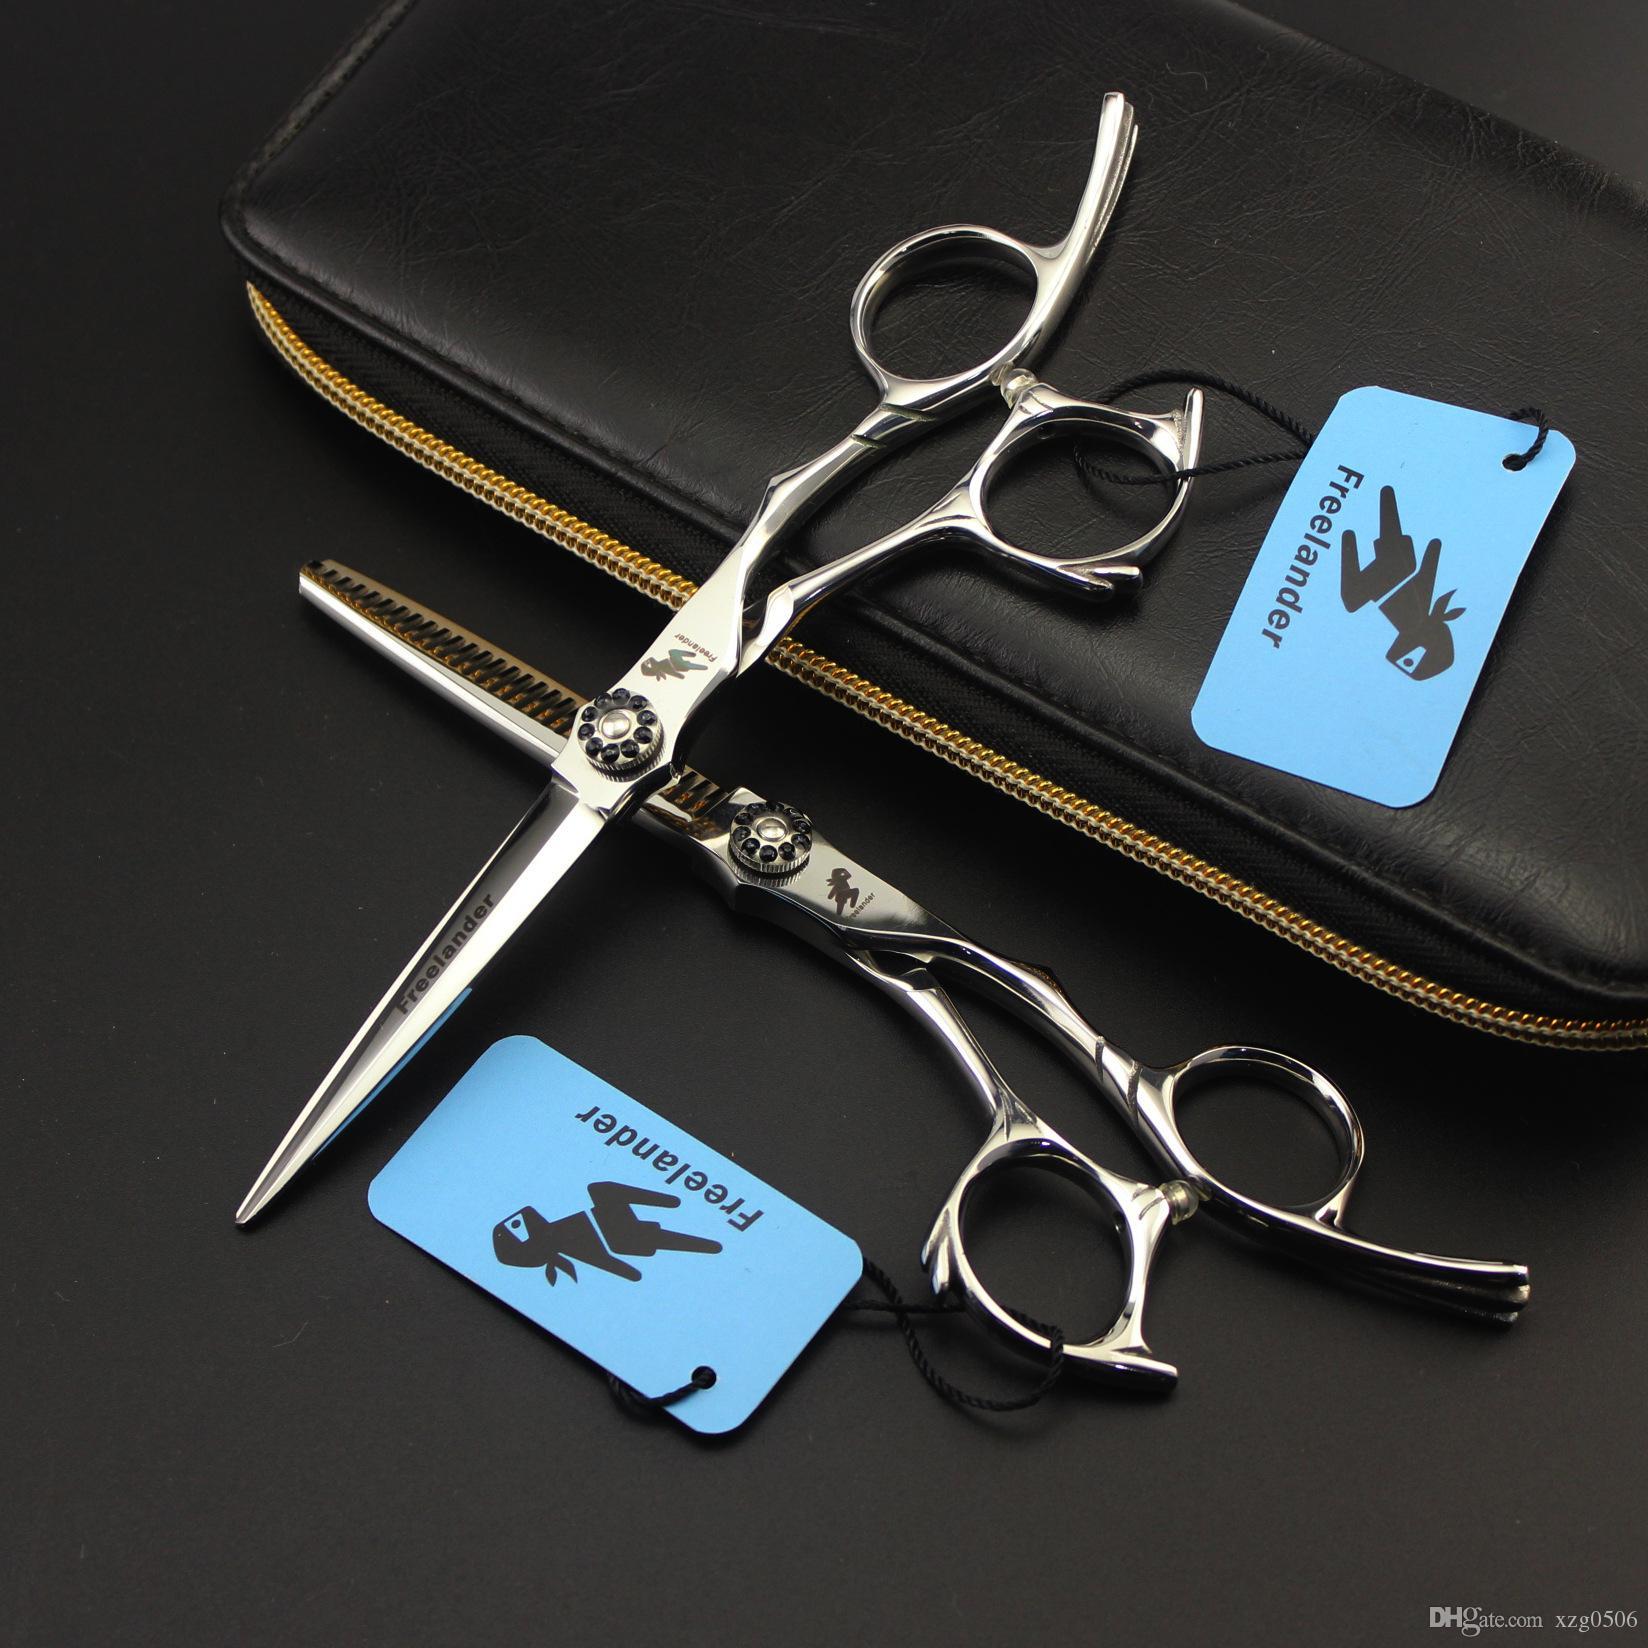 """6 """"17.5 cm 440C Profesyonel Saç Makas Berber Makas Salon Kuaförlük Makaslar Saç Kesme Makas İnceltme Makası Yeni Varış S007"""